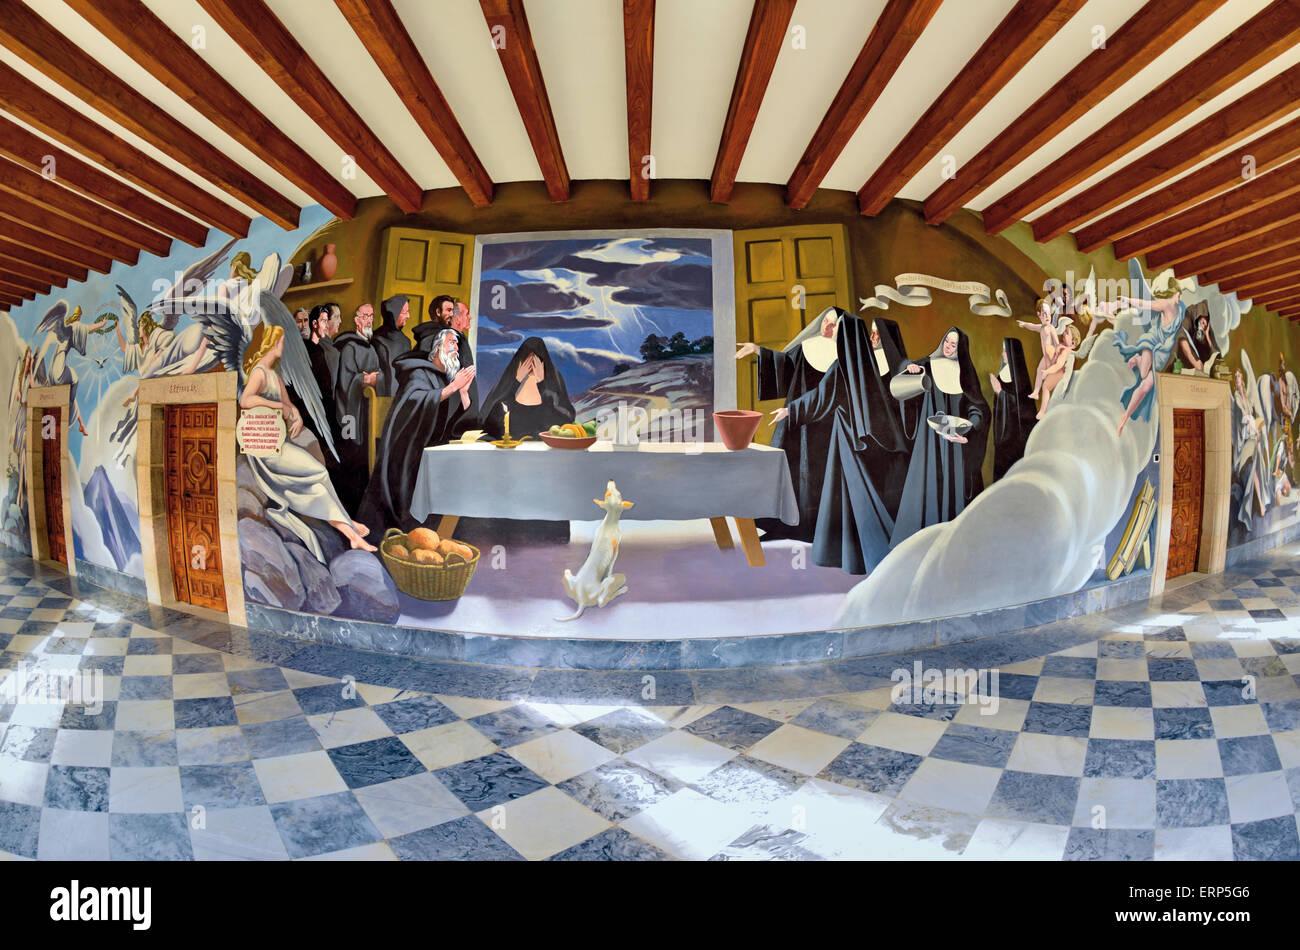 L'Espagne, la Galice: peintures murales dans le cloître du monastère médiéval de Samos Banque D'Images